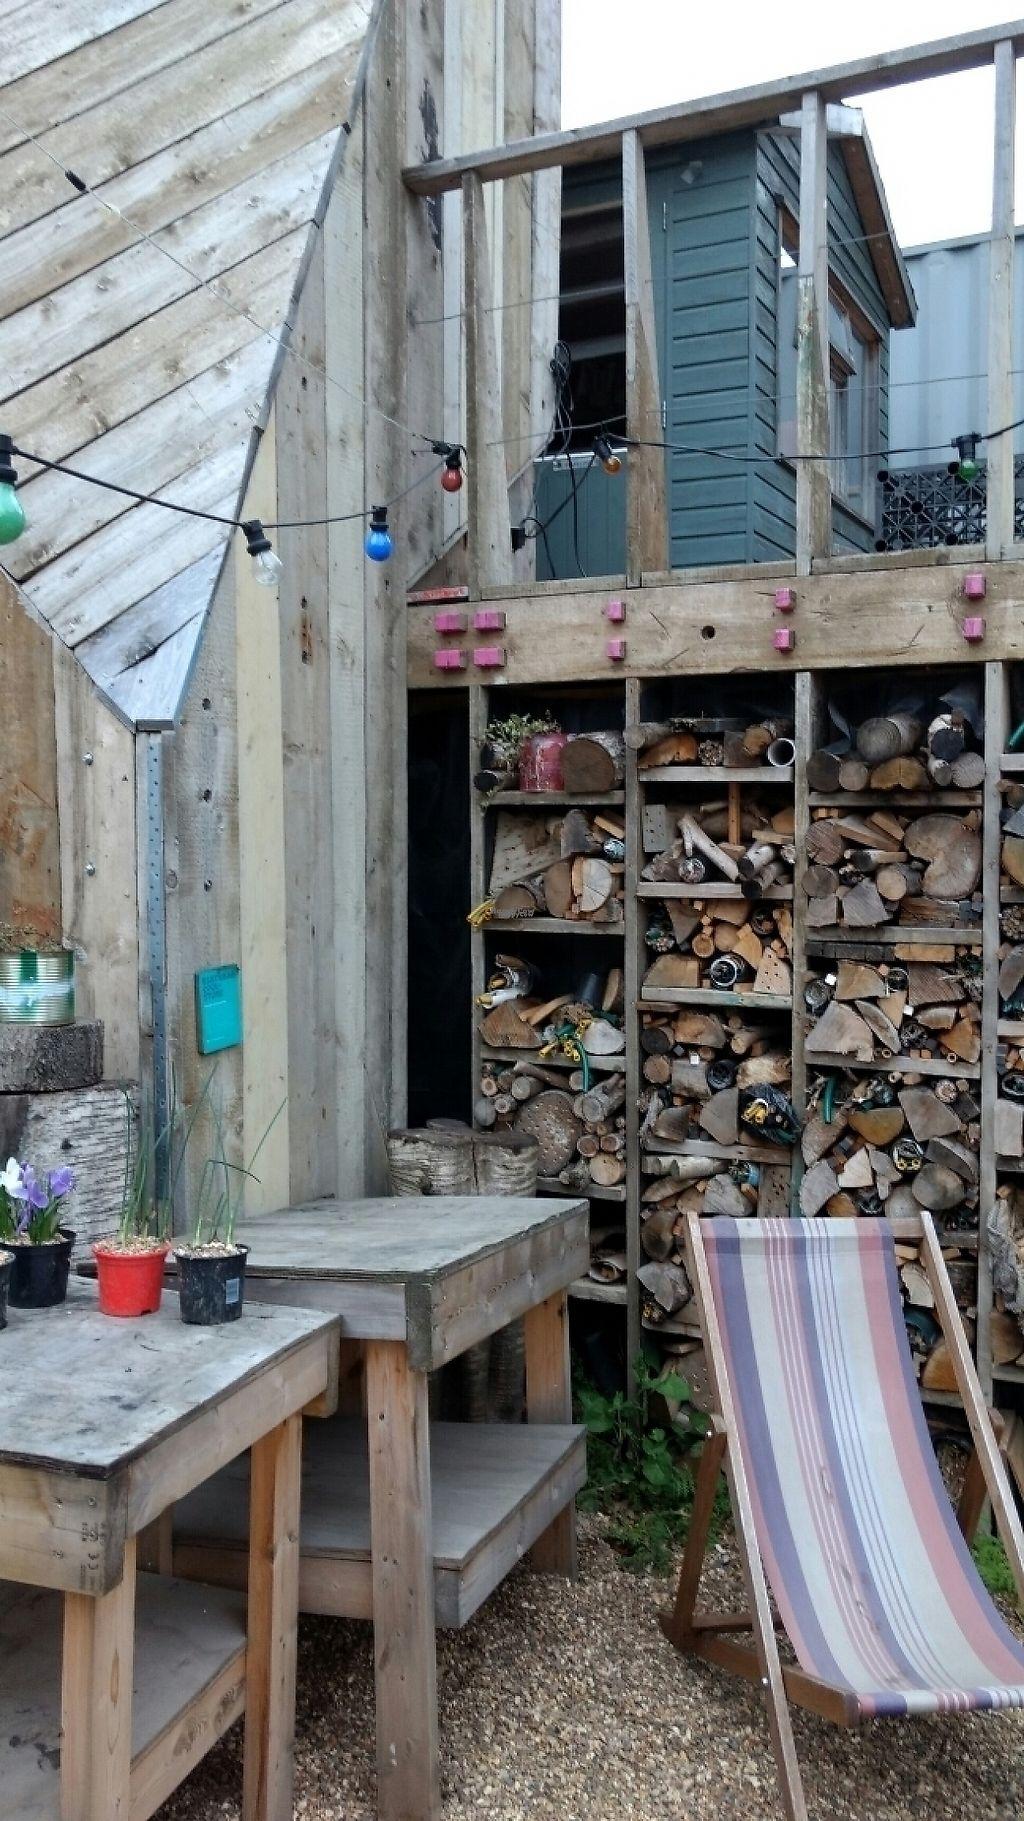 """Photo of Skip Garden Kitchen  by <a href=""""/members/profile/craigmc"""">craigmc</a> <br/>tra la la <br/> March 18, 2017  - <a href='/contact/abuse/image/61559/237921'>Report</a>"""